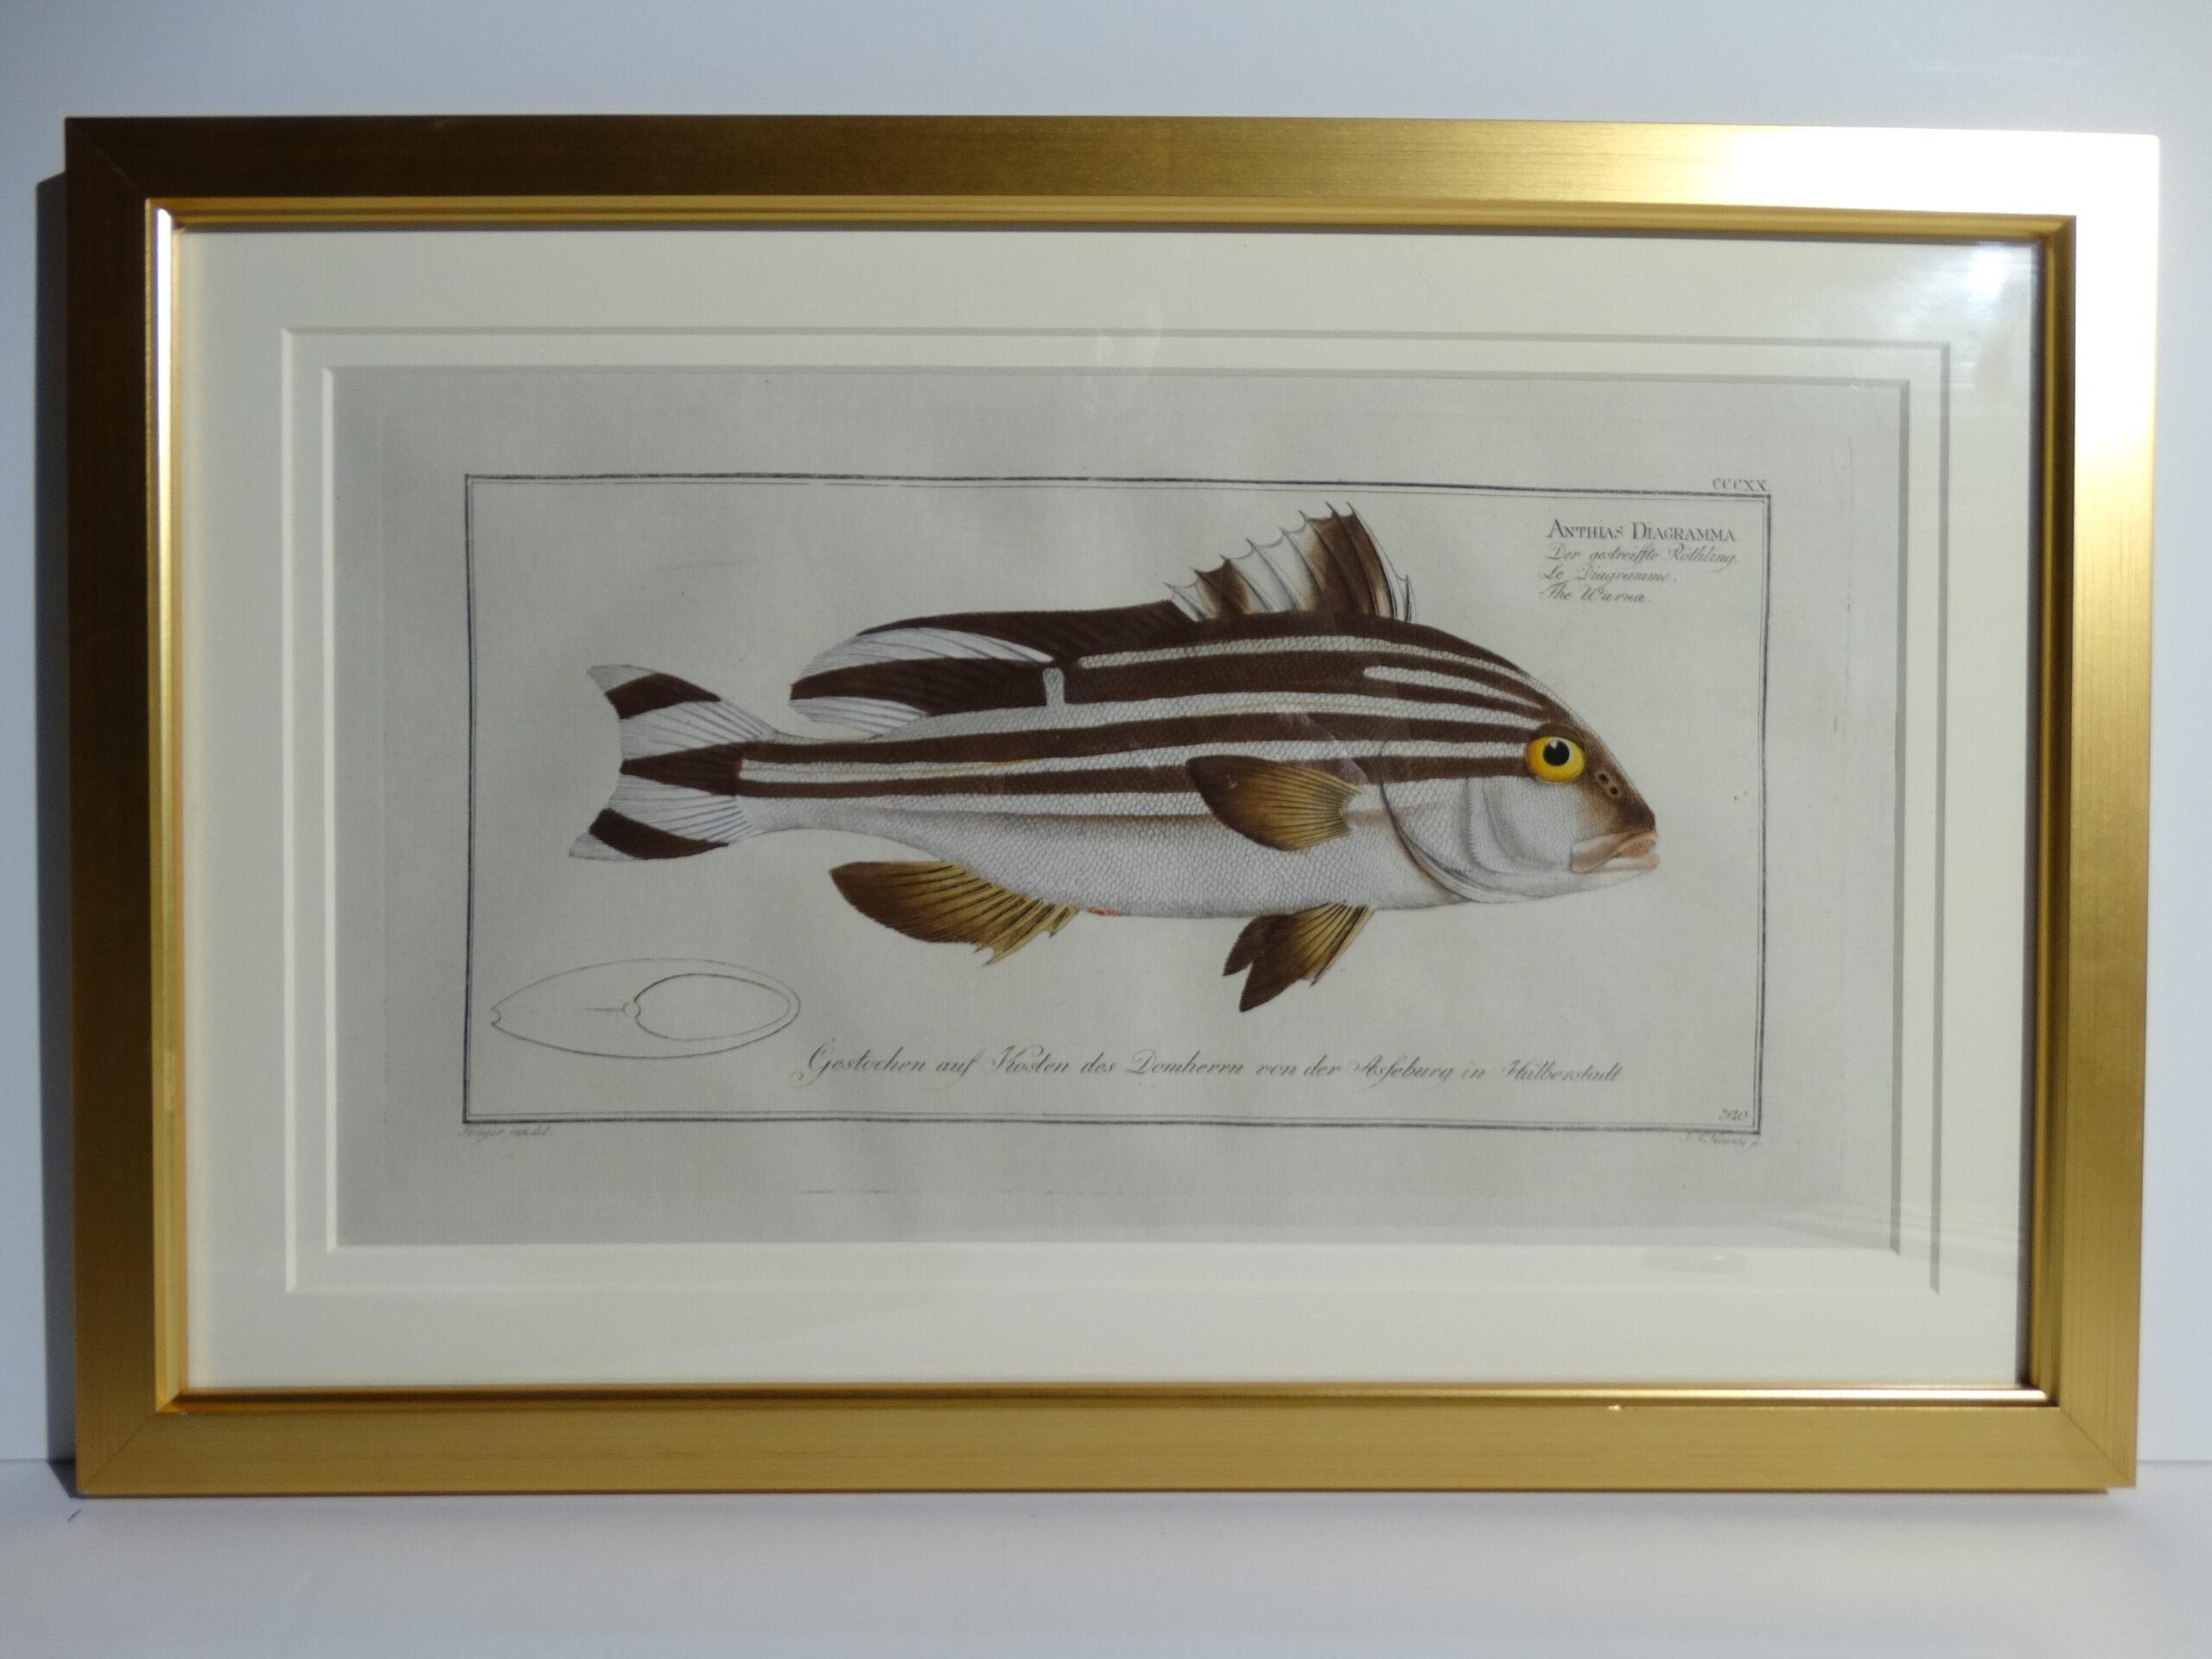 Bloch Fish Engraving Framed2